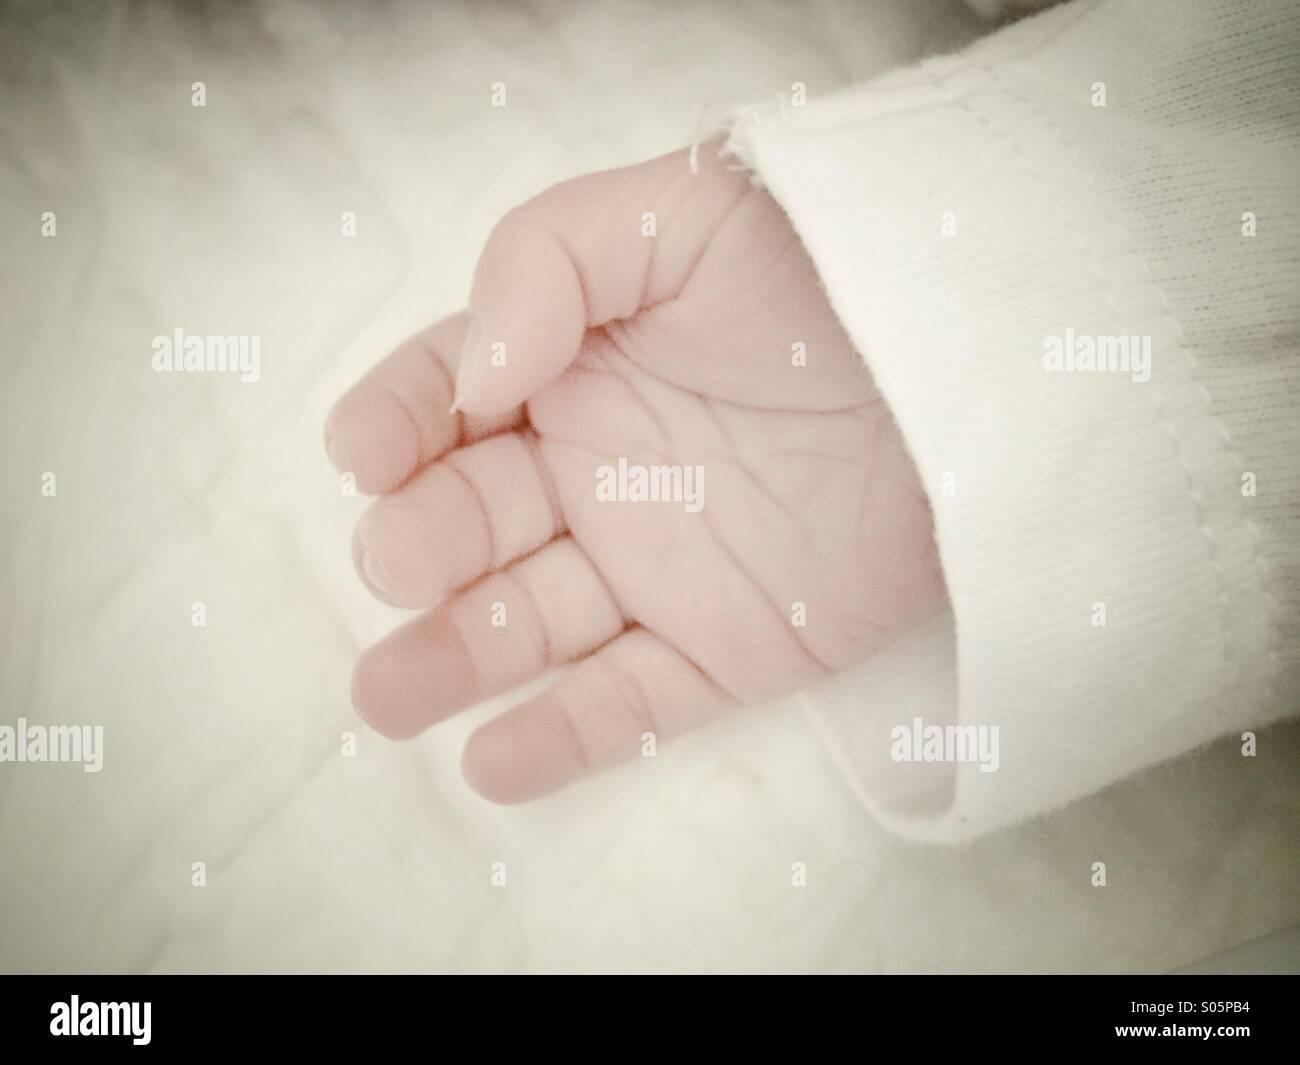 Newborn's hand - Stock Image